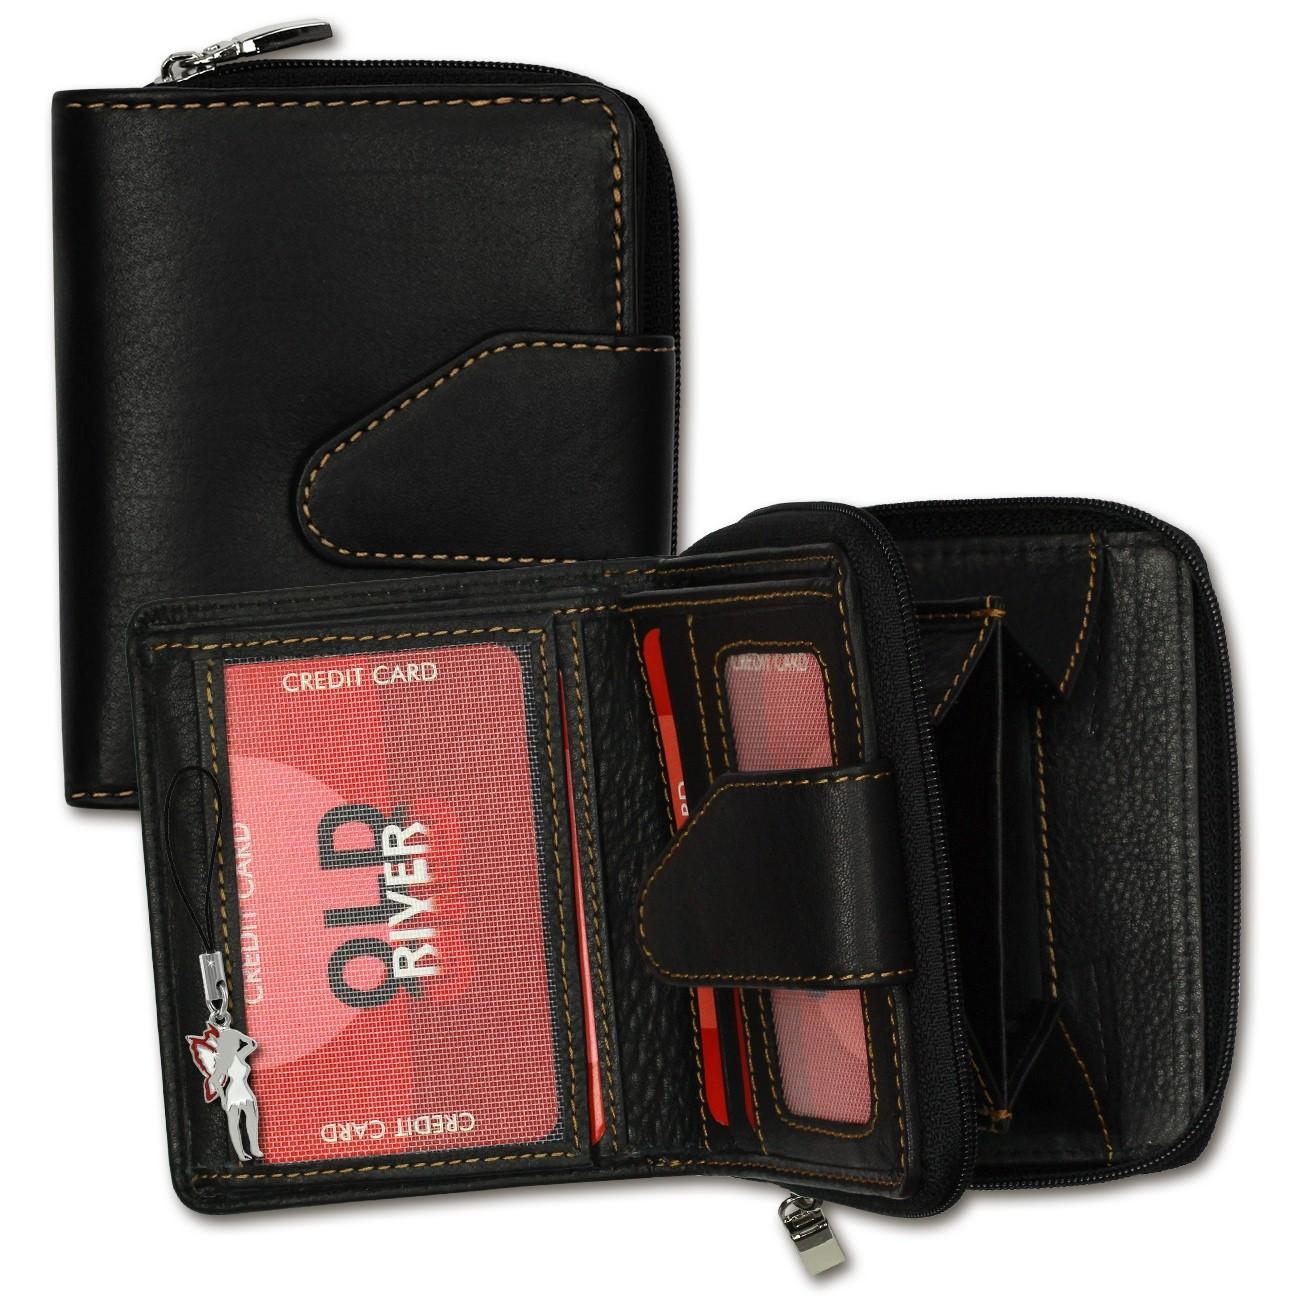 Geldbörse Leder schwarz kleines Portemonnaie Brieftasche Old River OPD104F